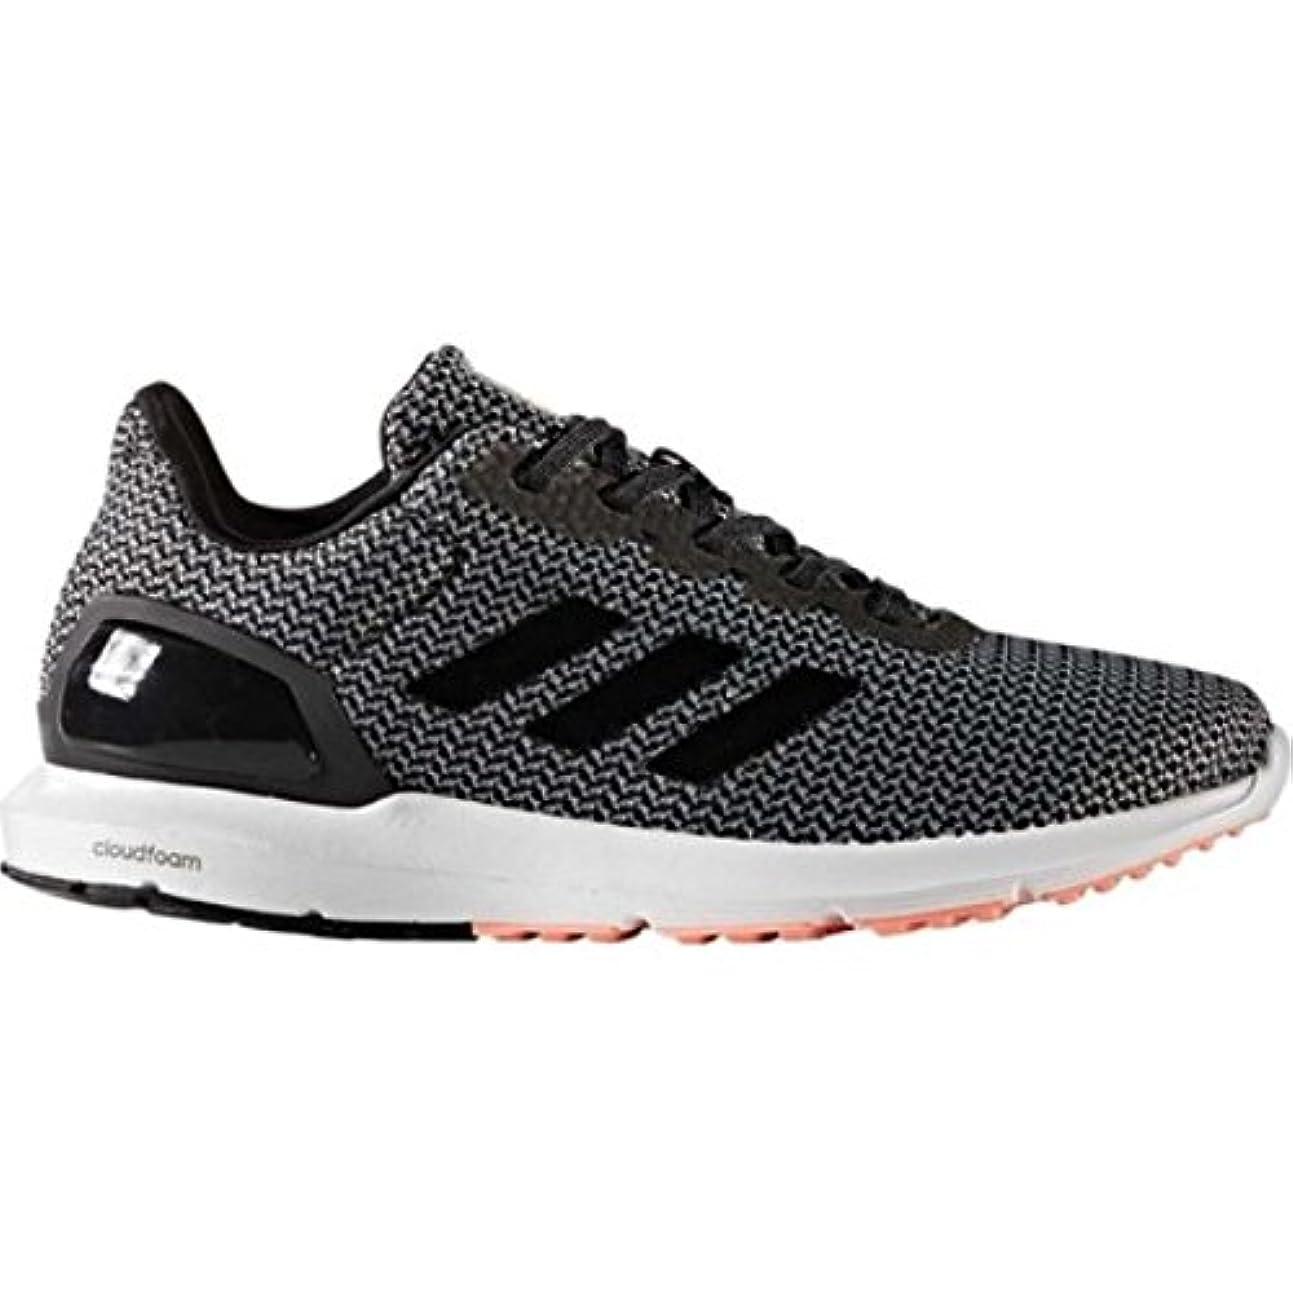 証明書テスト入口(アディダス) adidas レディース ランニング?ウォーキング シューズ?靴 Cosmic 2 SL Running Shoe [並行輸入品]